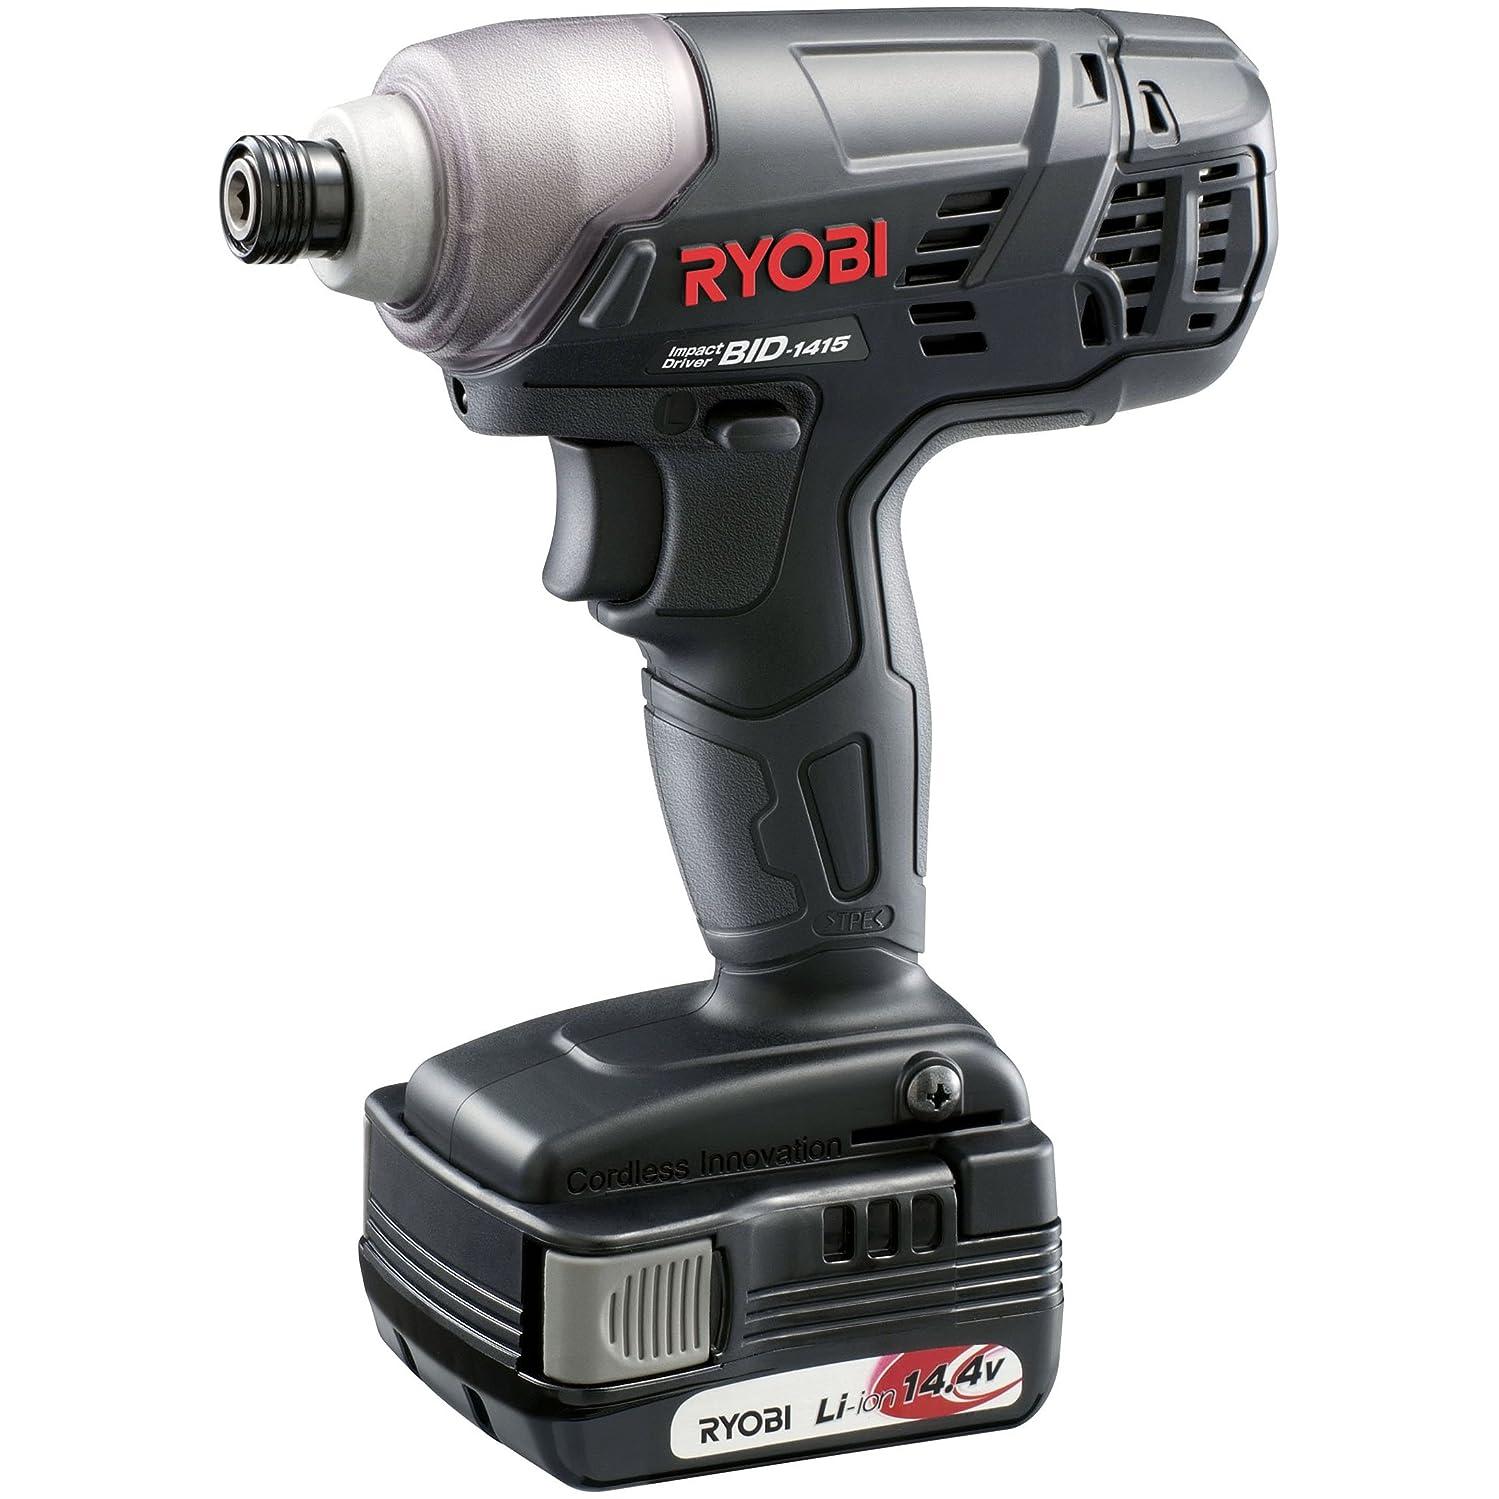 動機付ける生息地レイリョービ(RYOBI) 充電式インパクトドライバー BID-1415 14.4V 657700A